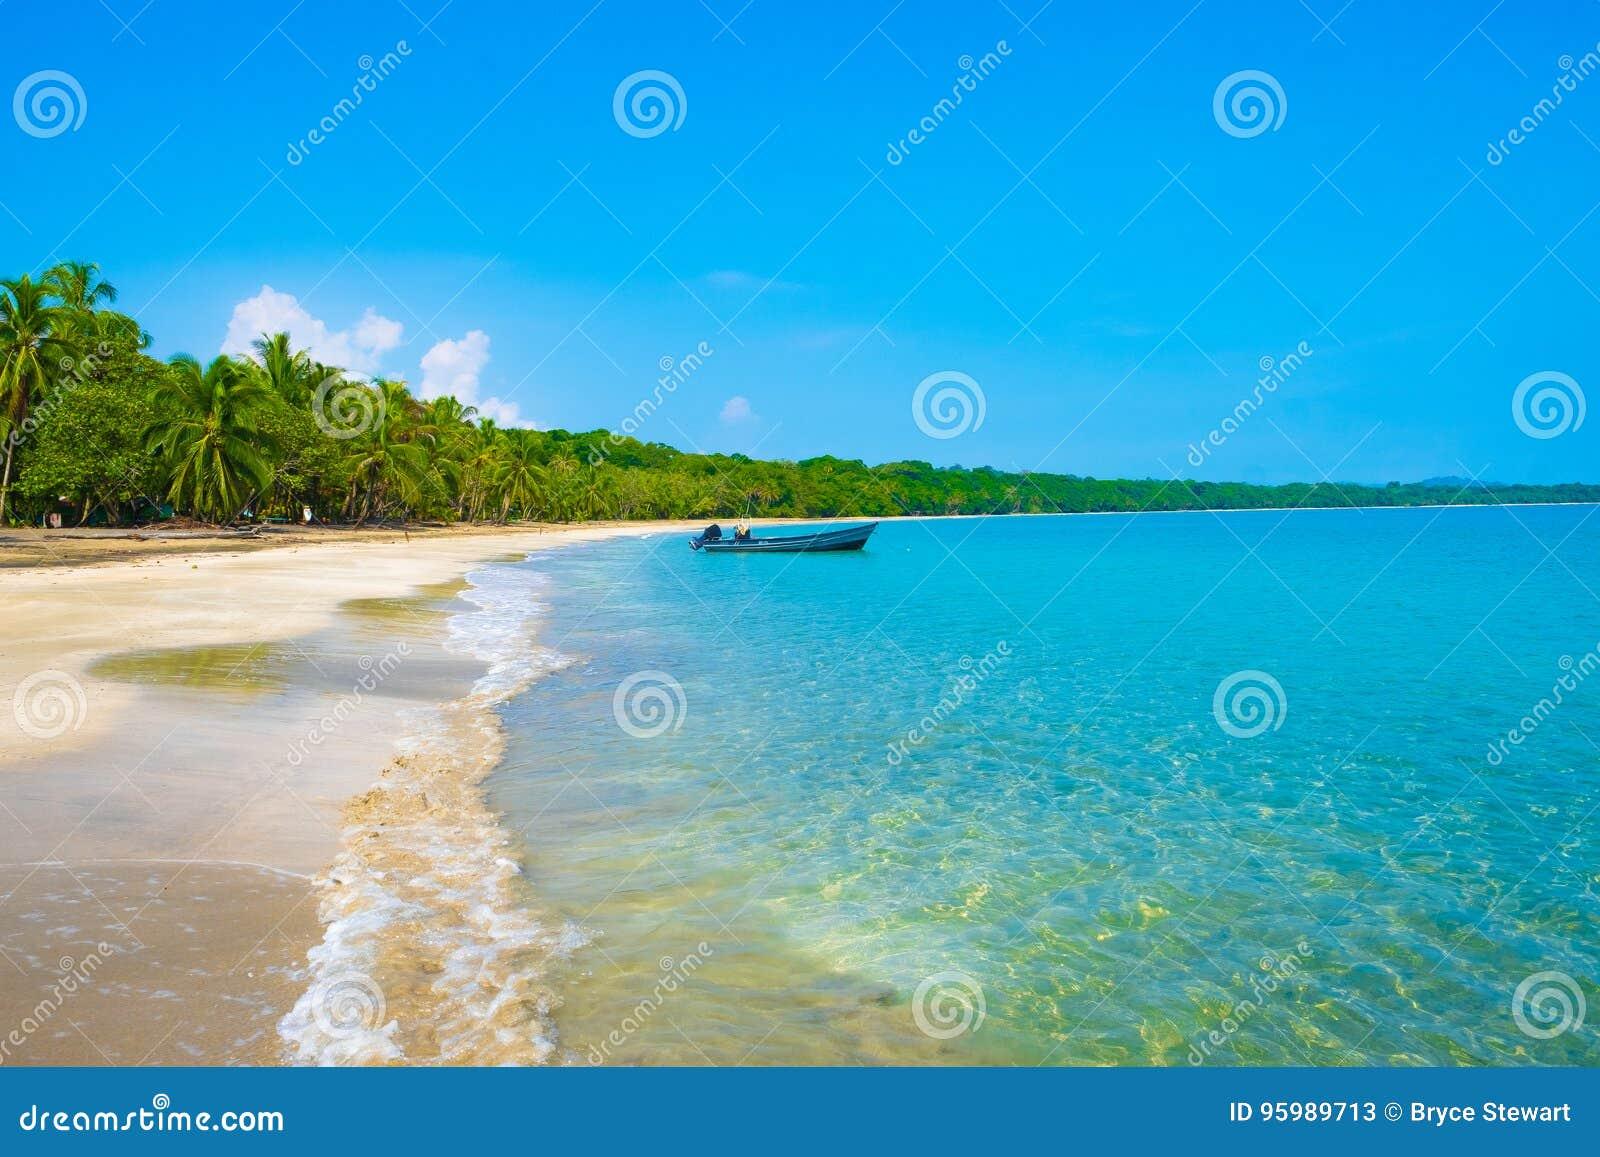 加勒比哥斯达黎加海洋水海滩天堂假期树雨林美好的绿松石水大海惊人的海滩海浪